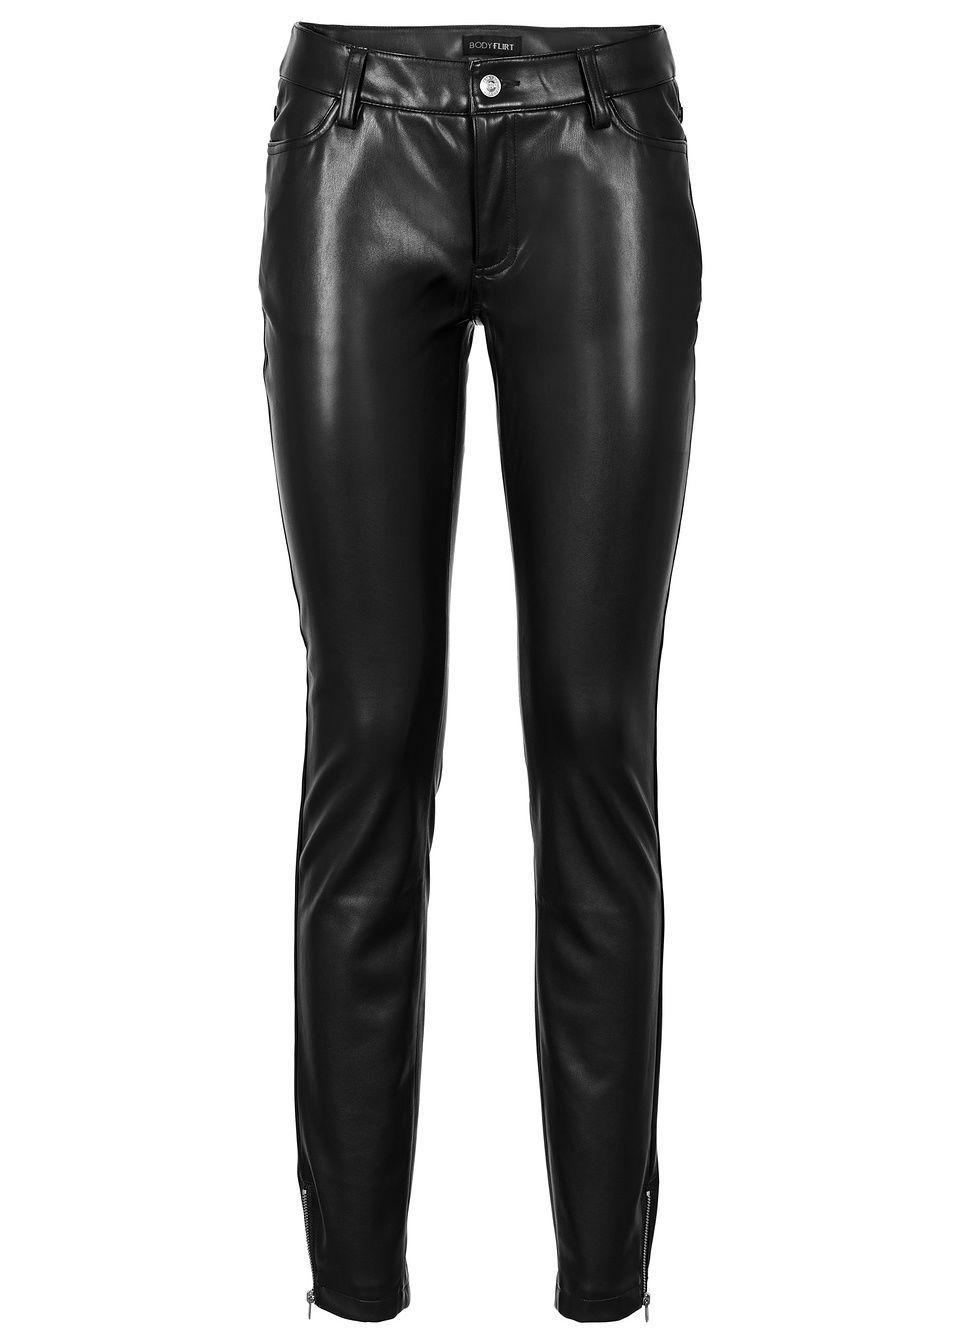 79078b76cca8 Koženkové nohavice červená Tieto štýlové • 24.99 € • bonprix